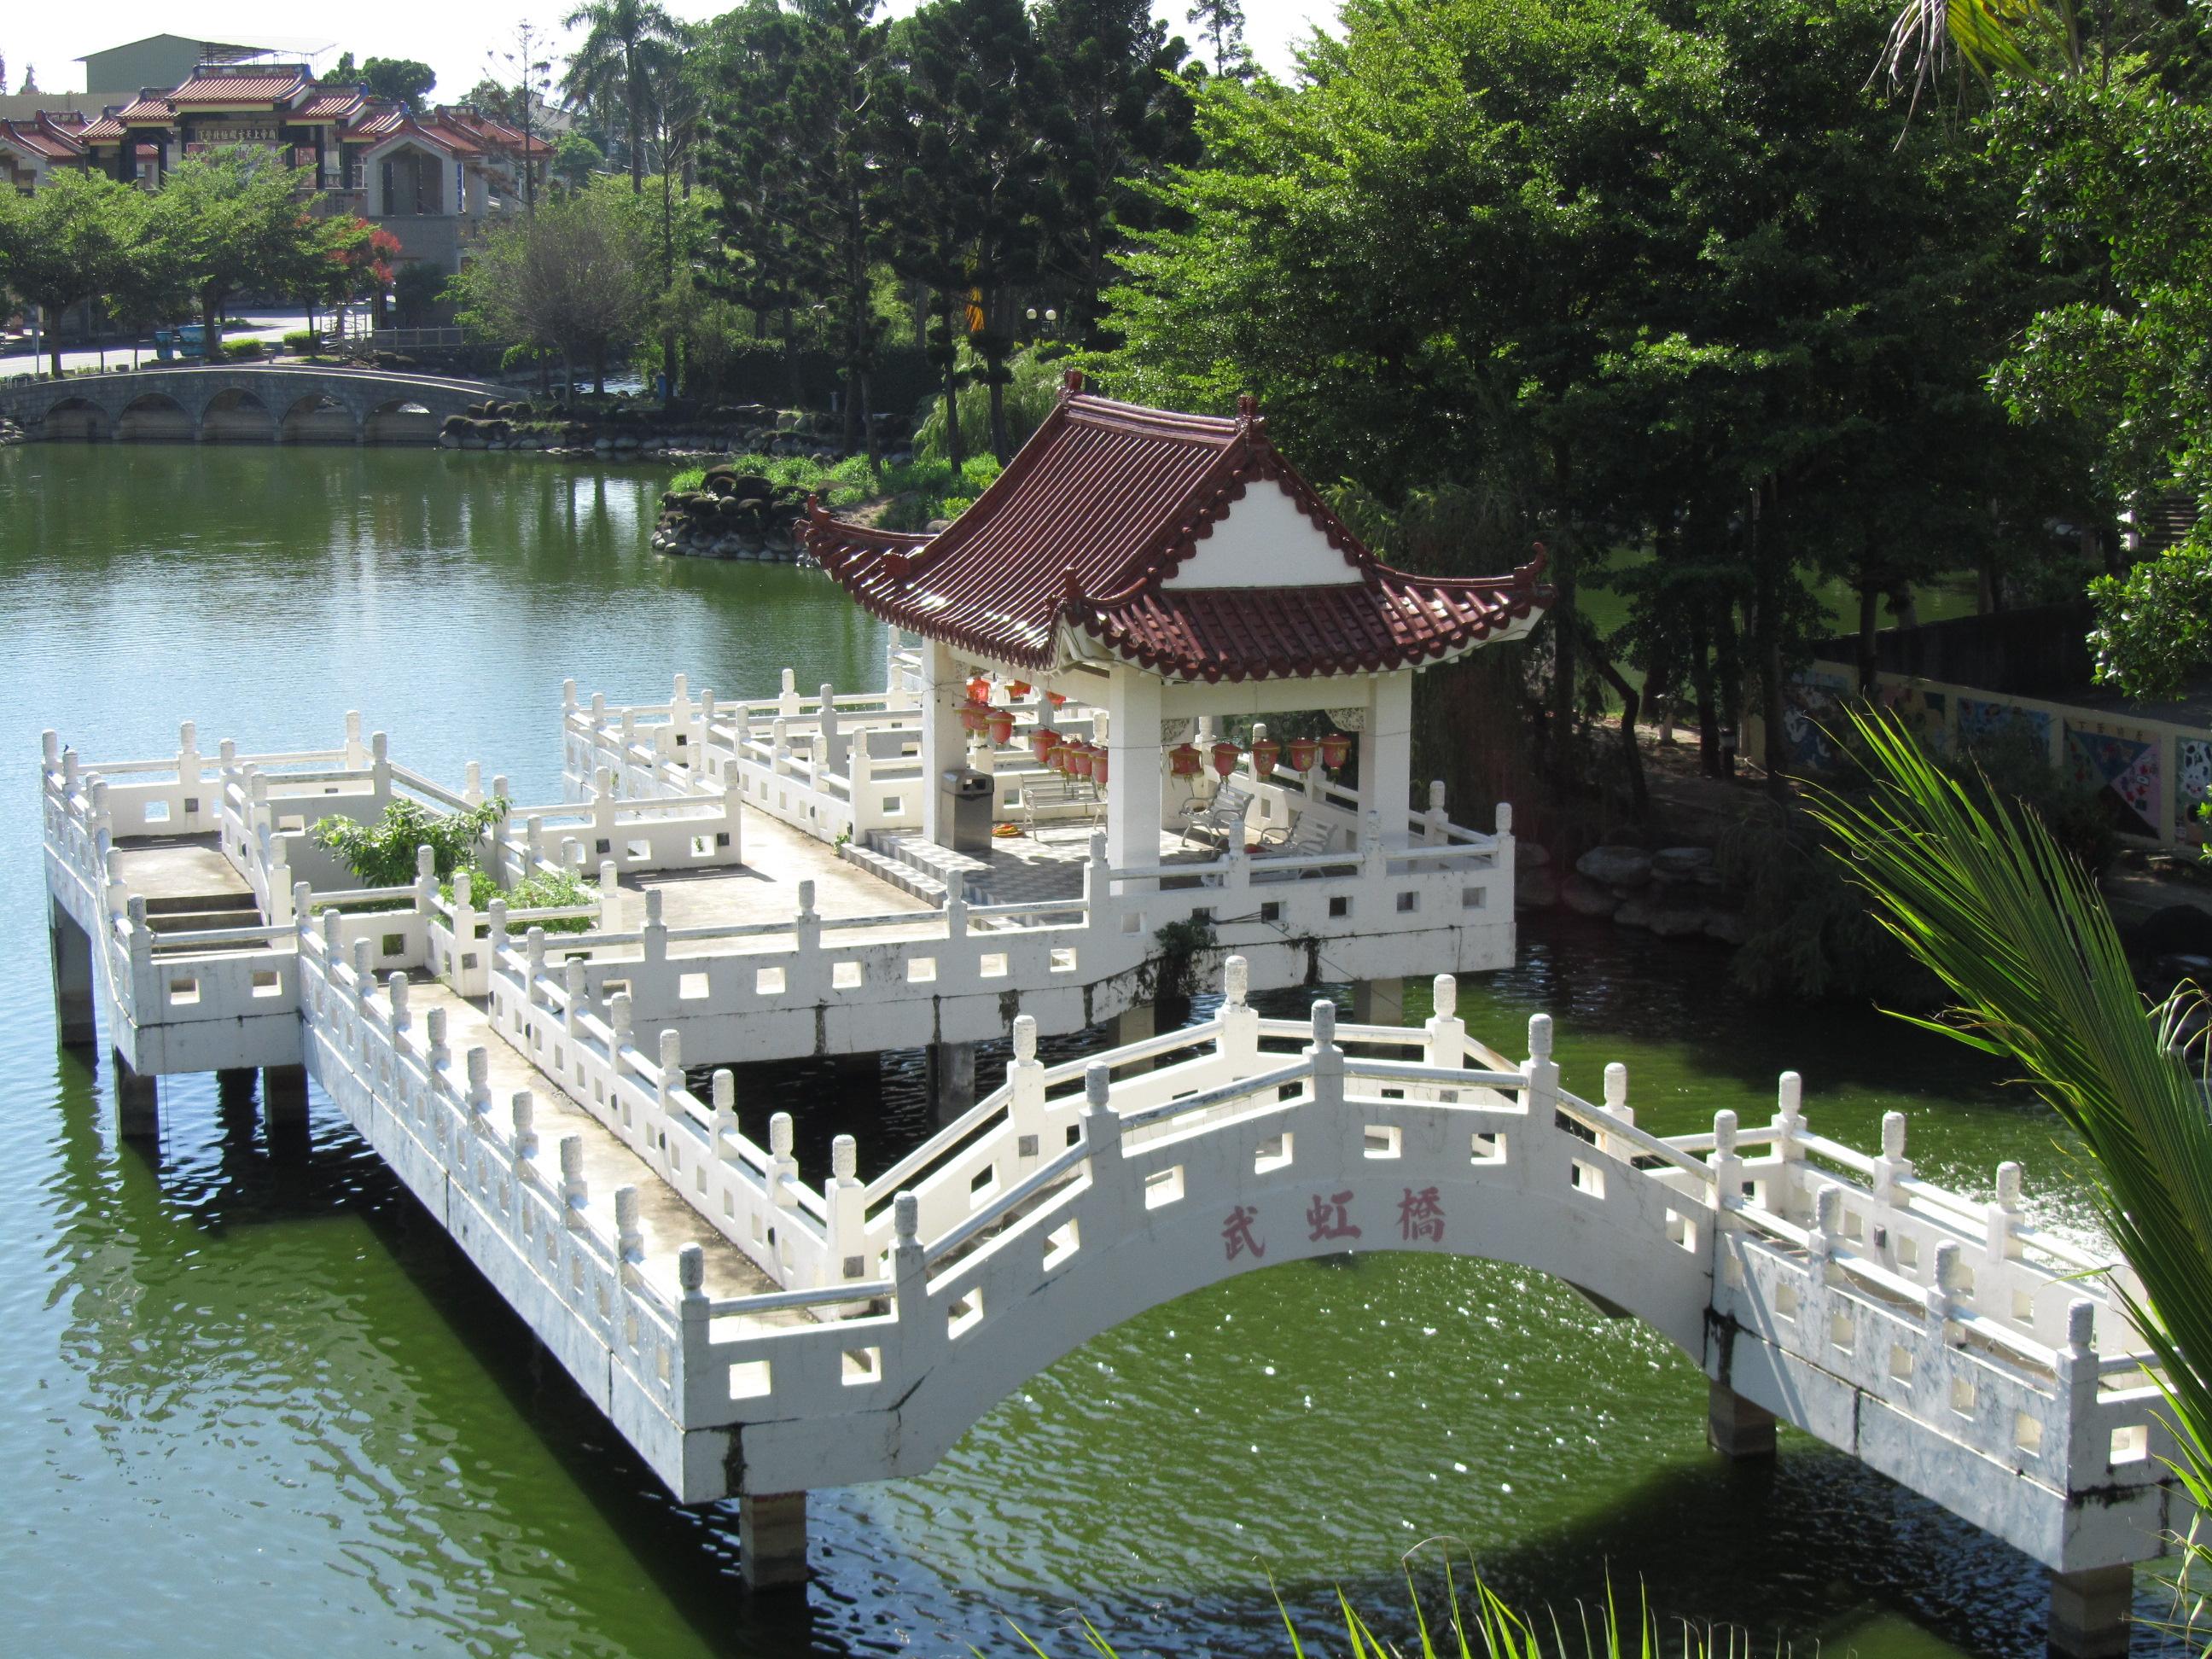 武承恩公園